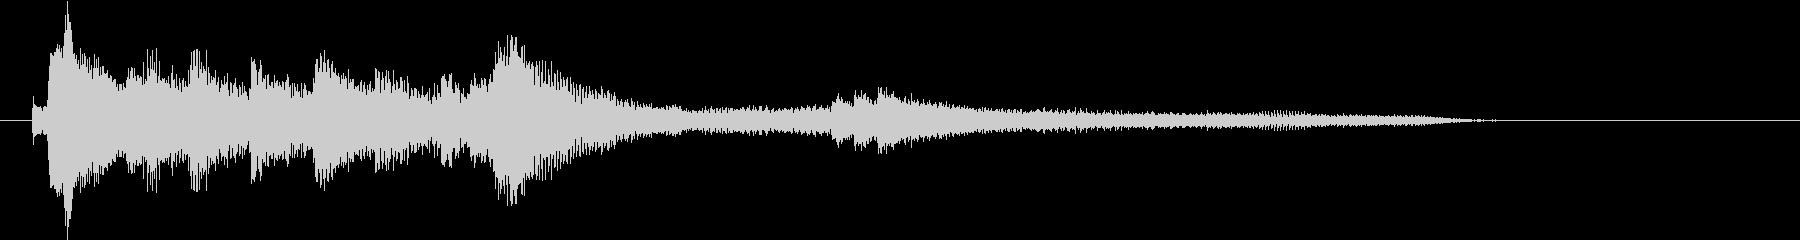 穏やかなピアノソロ ジングルの未再生の波形